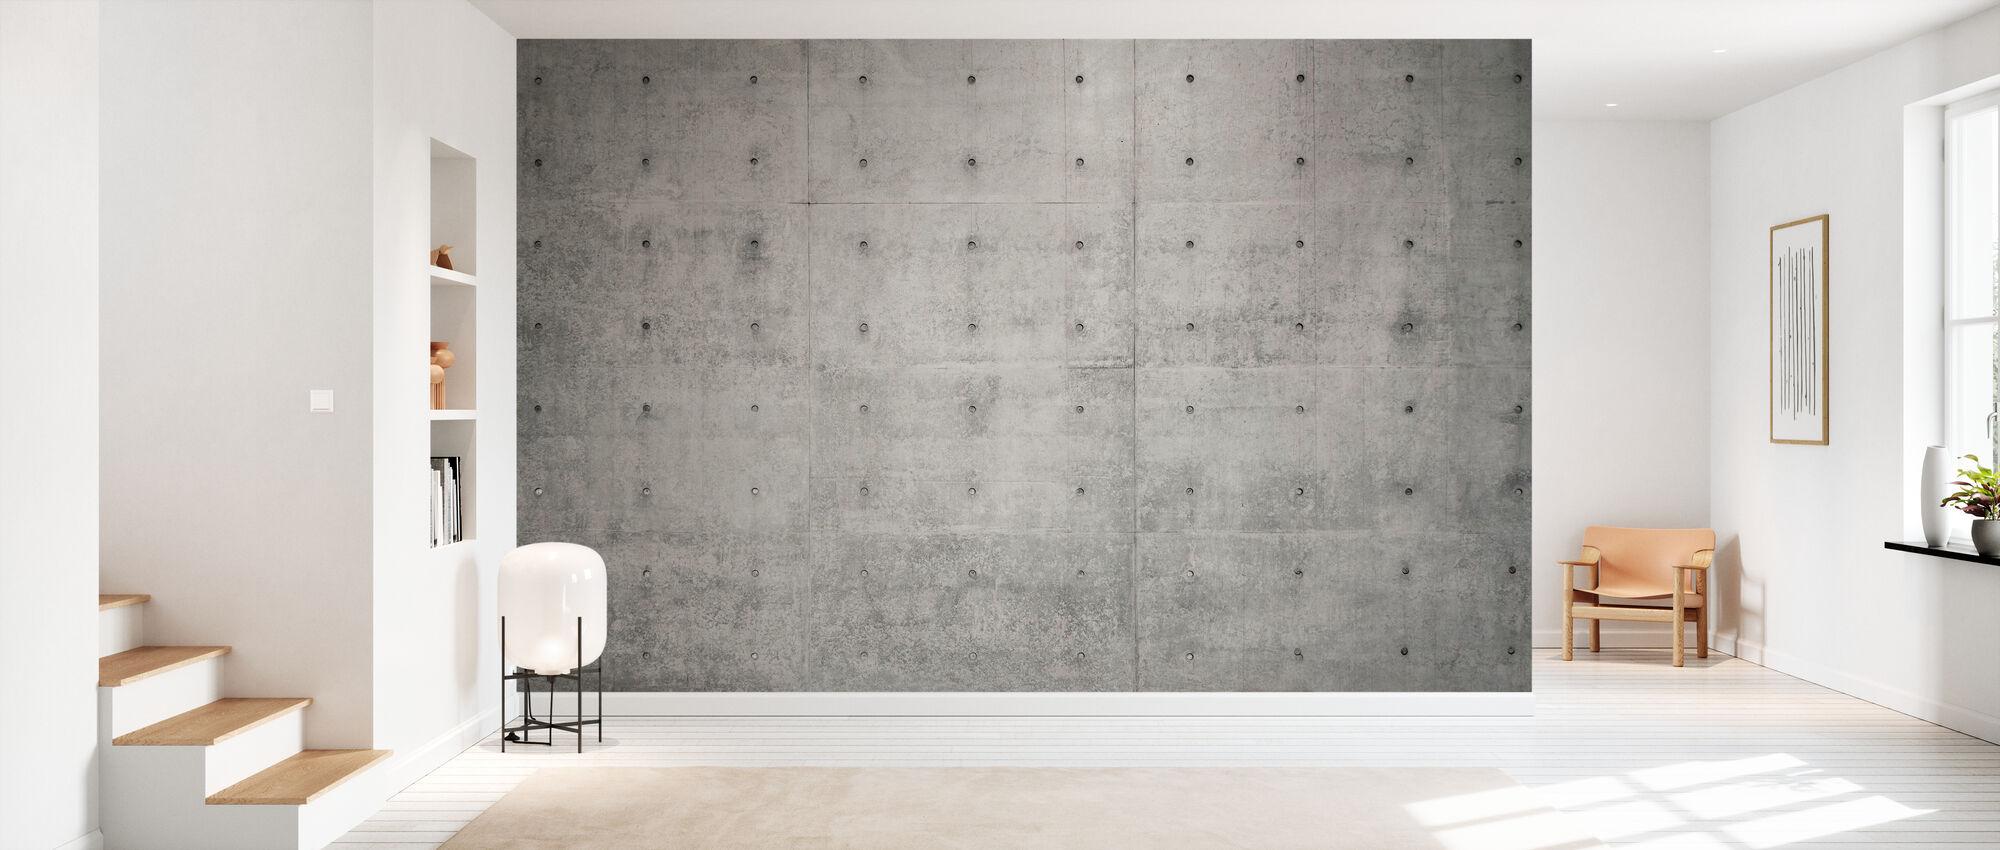 Betonnen muur - Behang - Gang